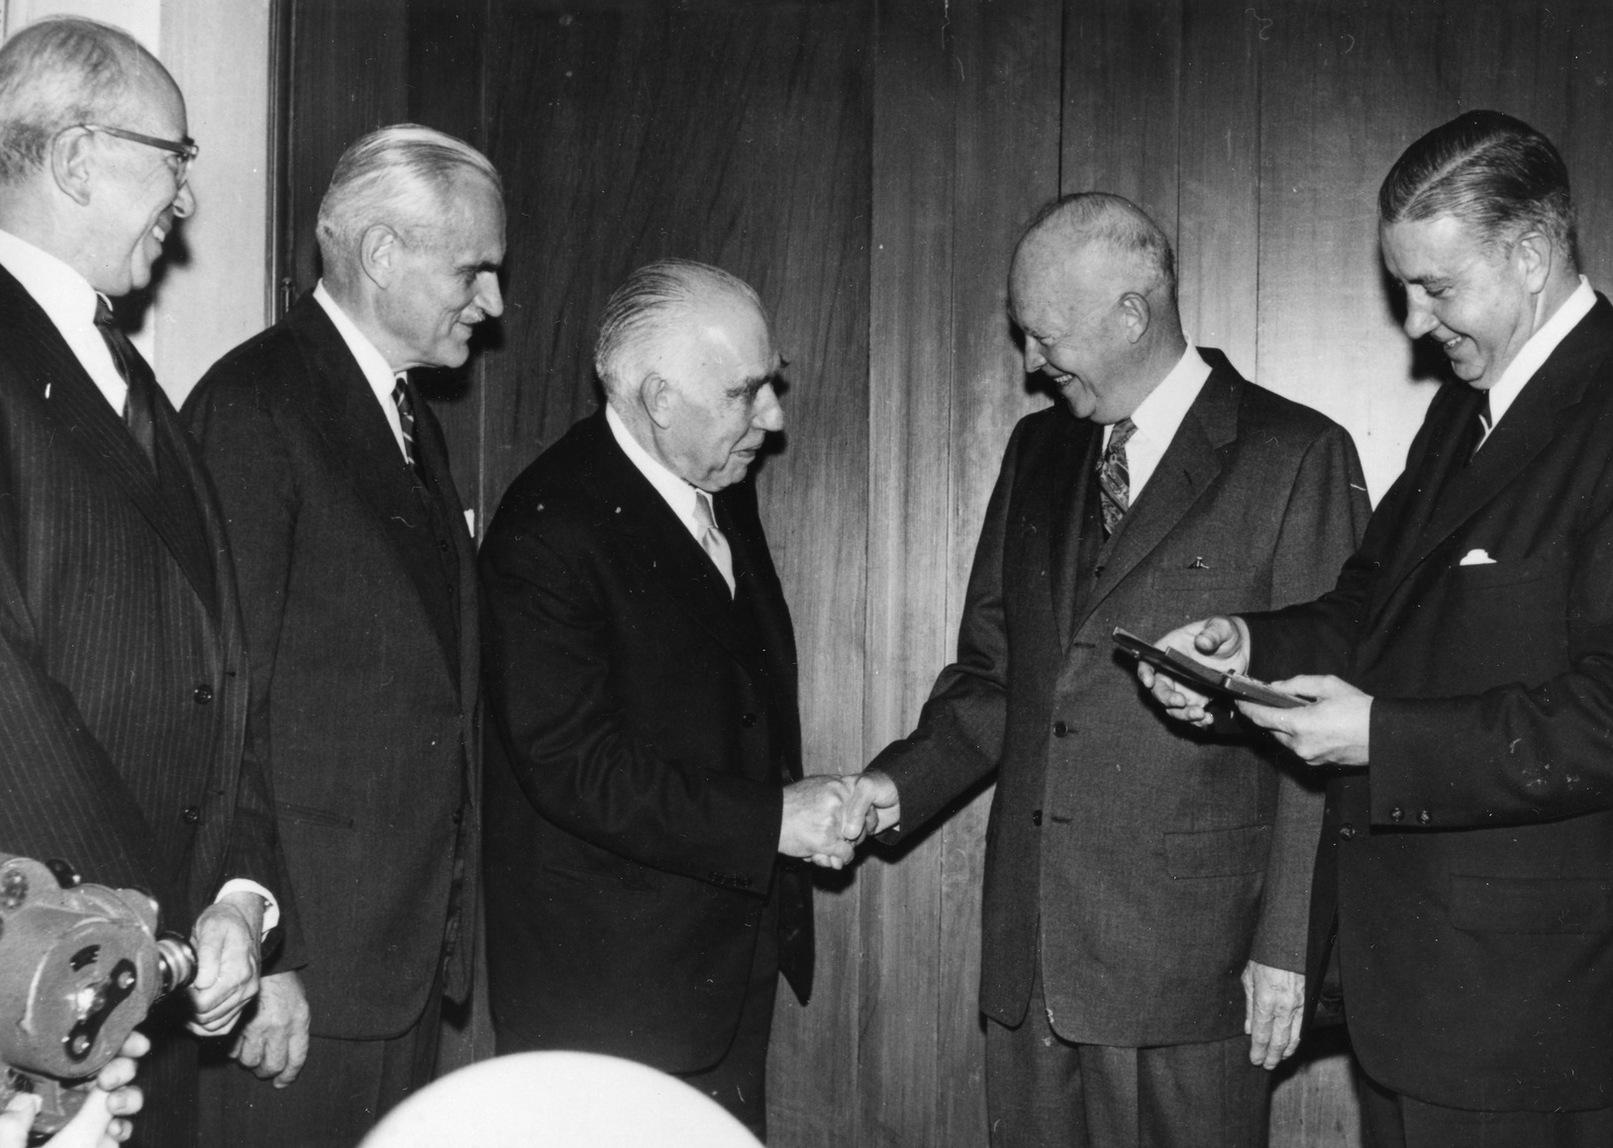 Президент США Дуайт Эйзенхауэр вручает награду Нильсу Бору (1958)